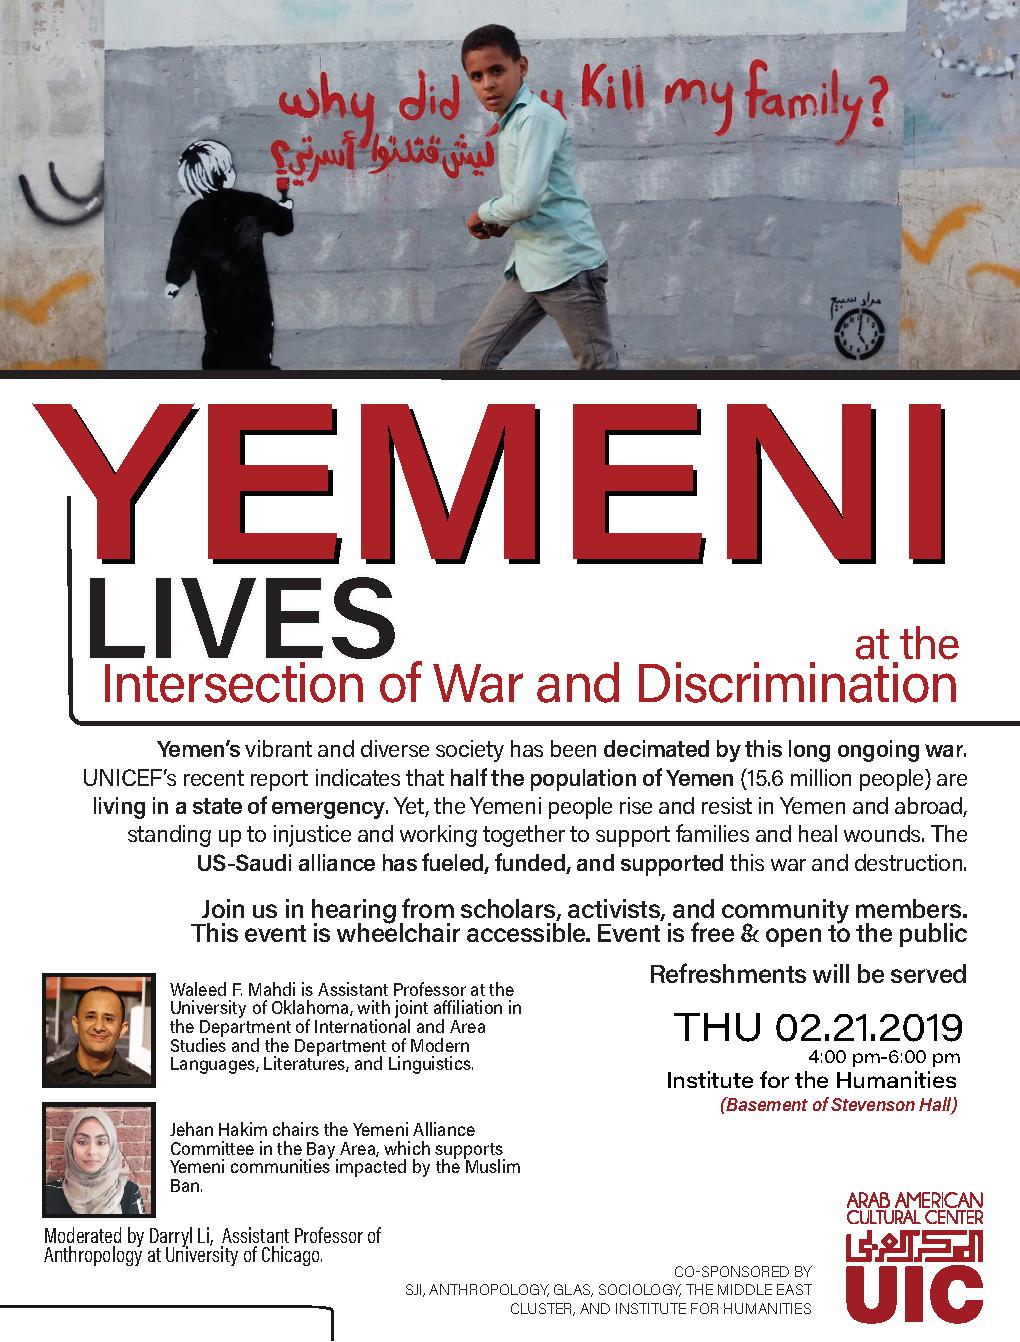 Yemeni Lives